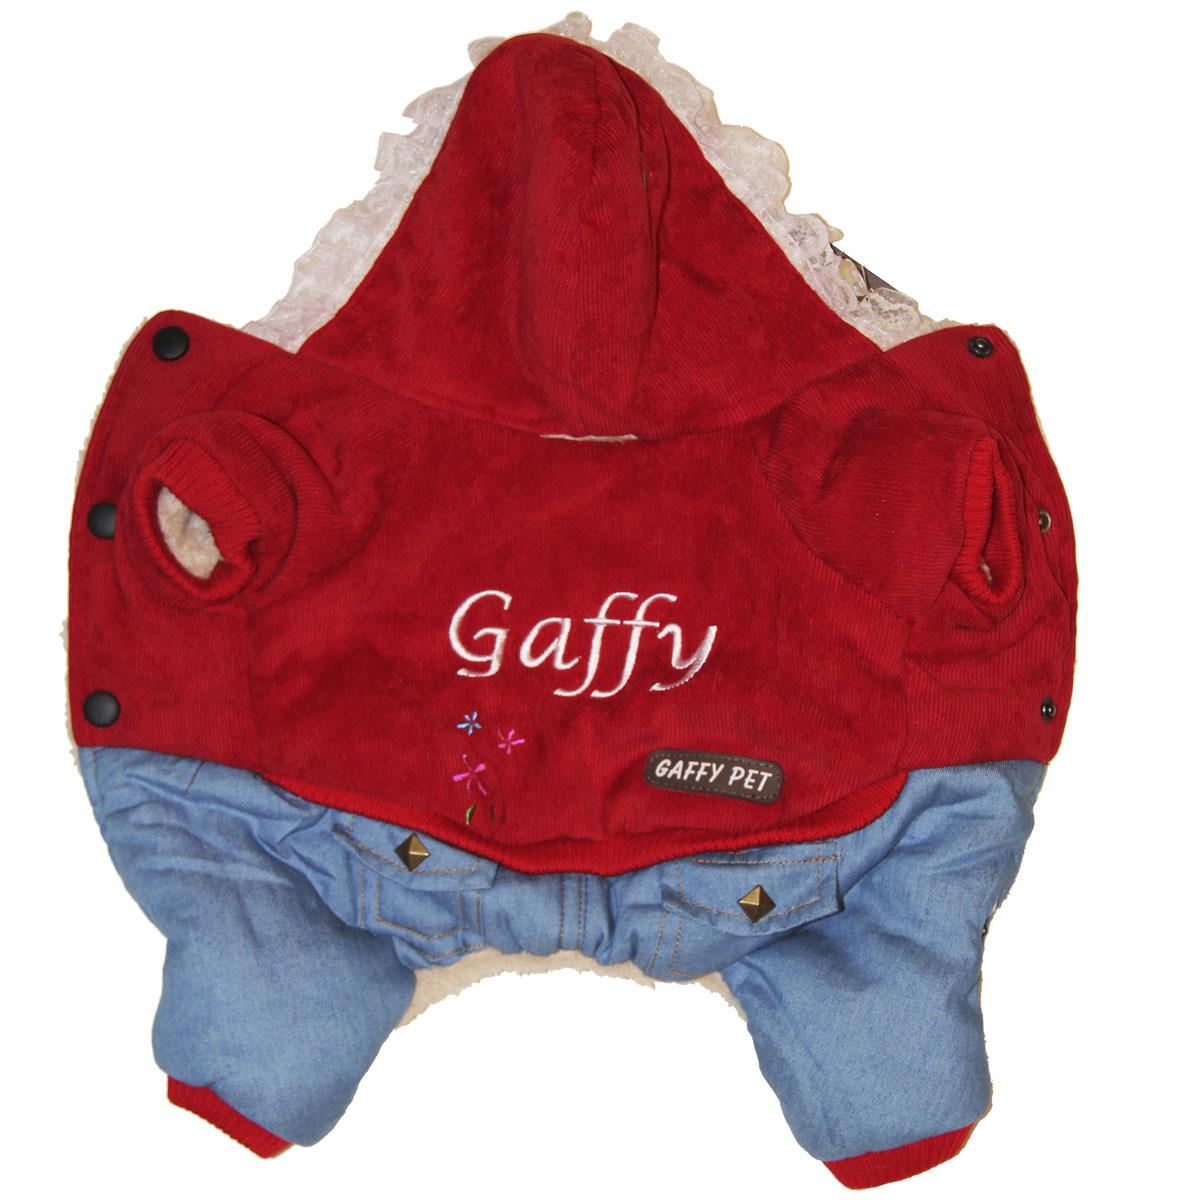 """Комбинезон для собак Gaffy Pet """"Flower"""", зимний, для девочки, цвет: красный, голубой. Размер M"""